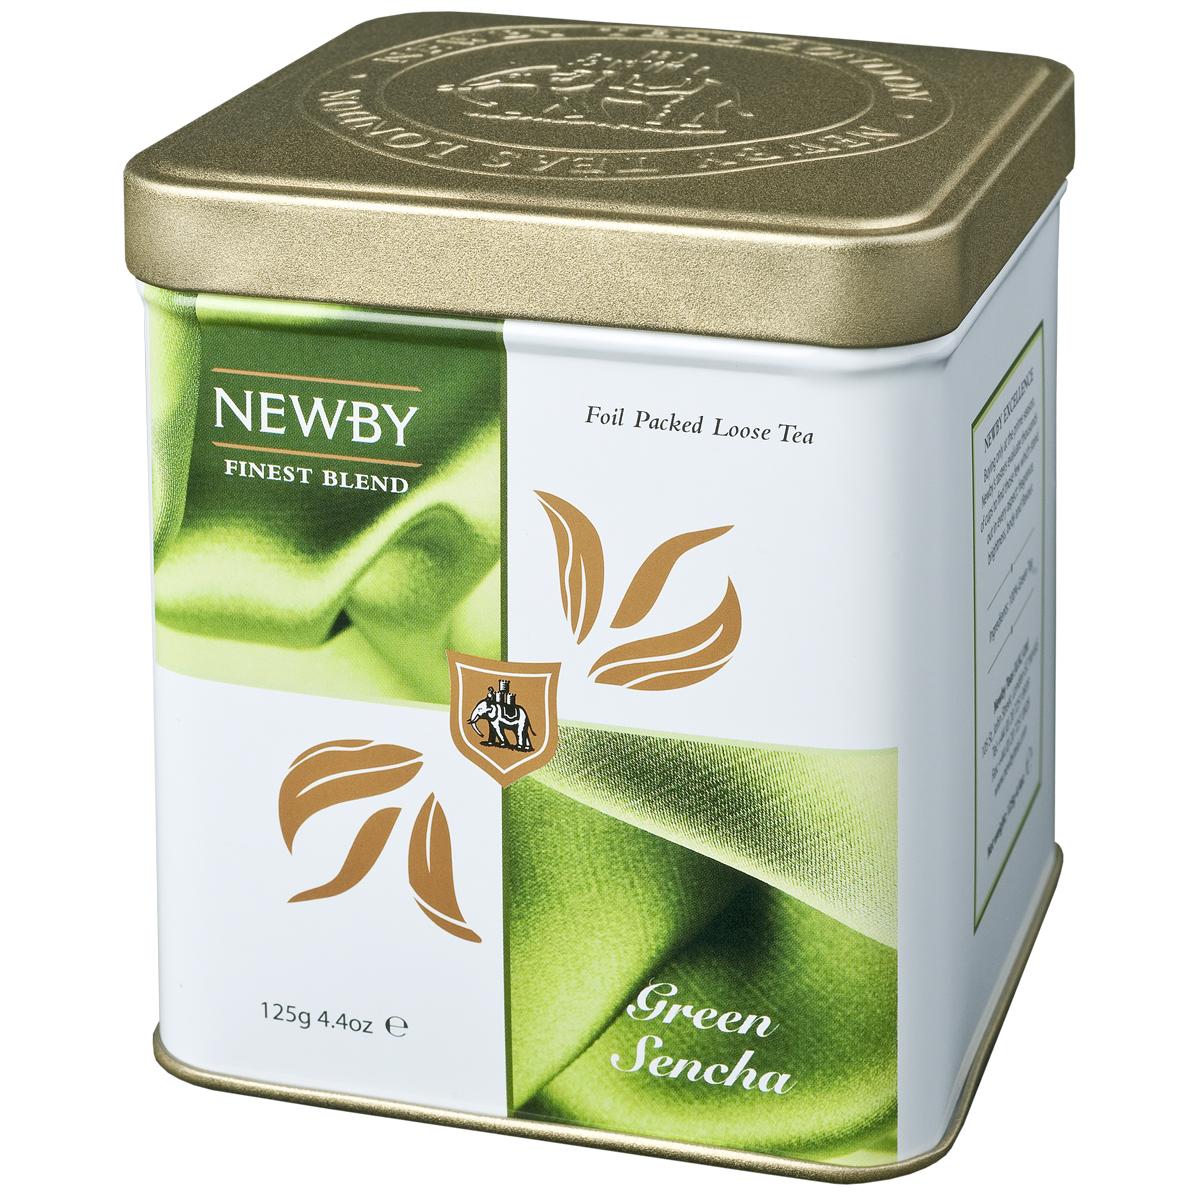 Newby Green Sencha зеленый листовой чай, 125 г130080Собранные ранней весной, чайные листья самого популярного сорта зеленого чая Newby Green Sencha обрабатываются паром, что позволяет сохранить их первозданную свежесть. Обладает насыщенным превосходным ароматом риса.